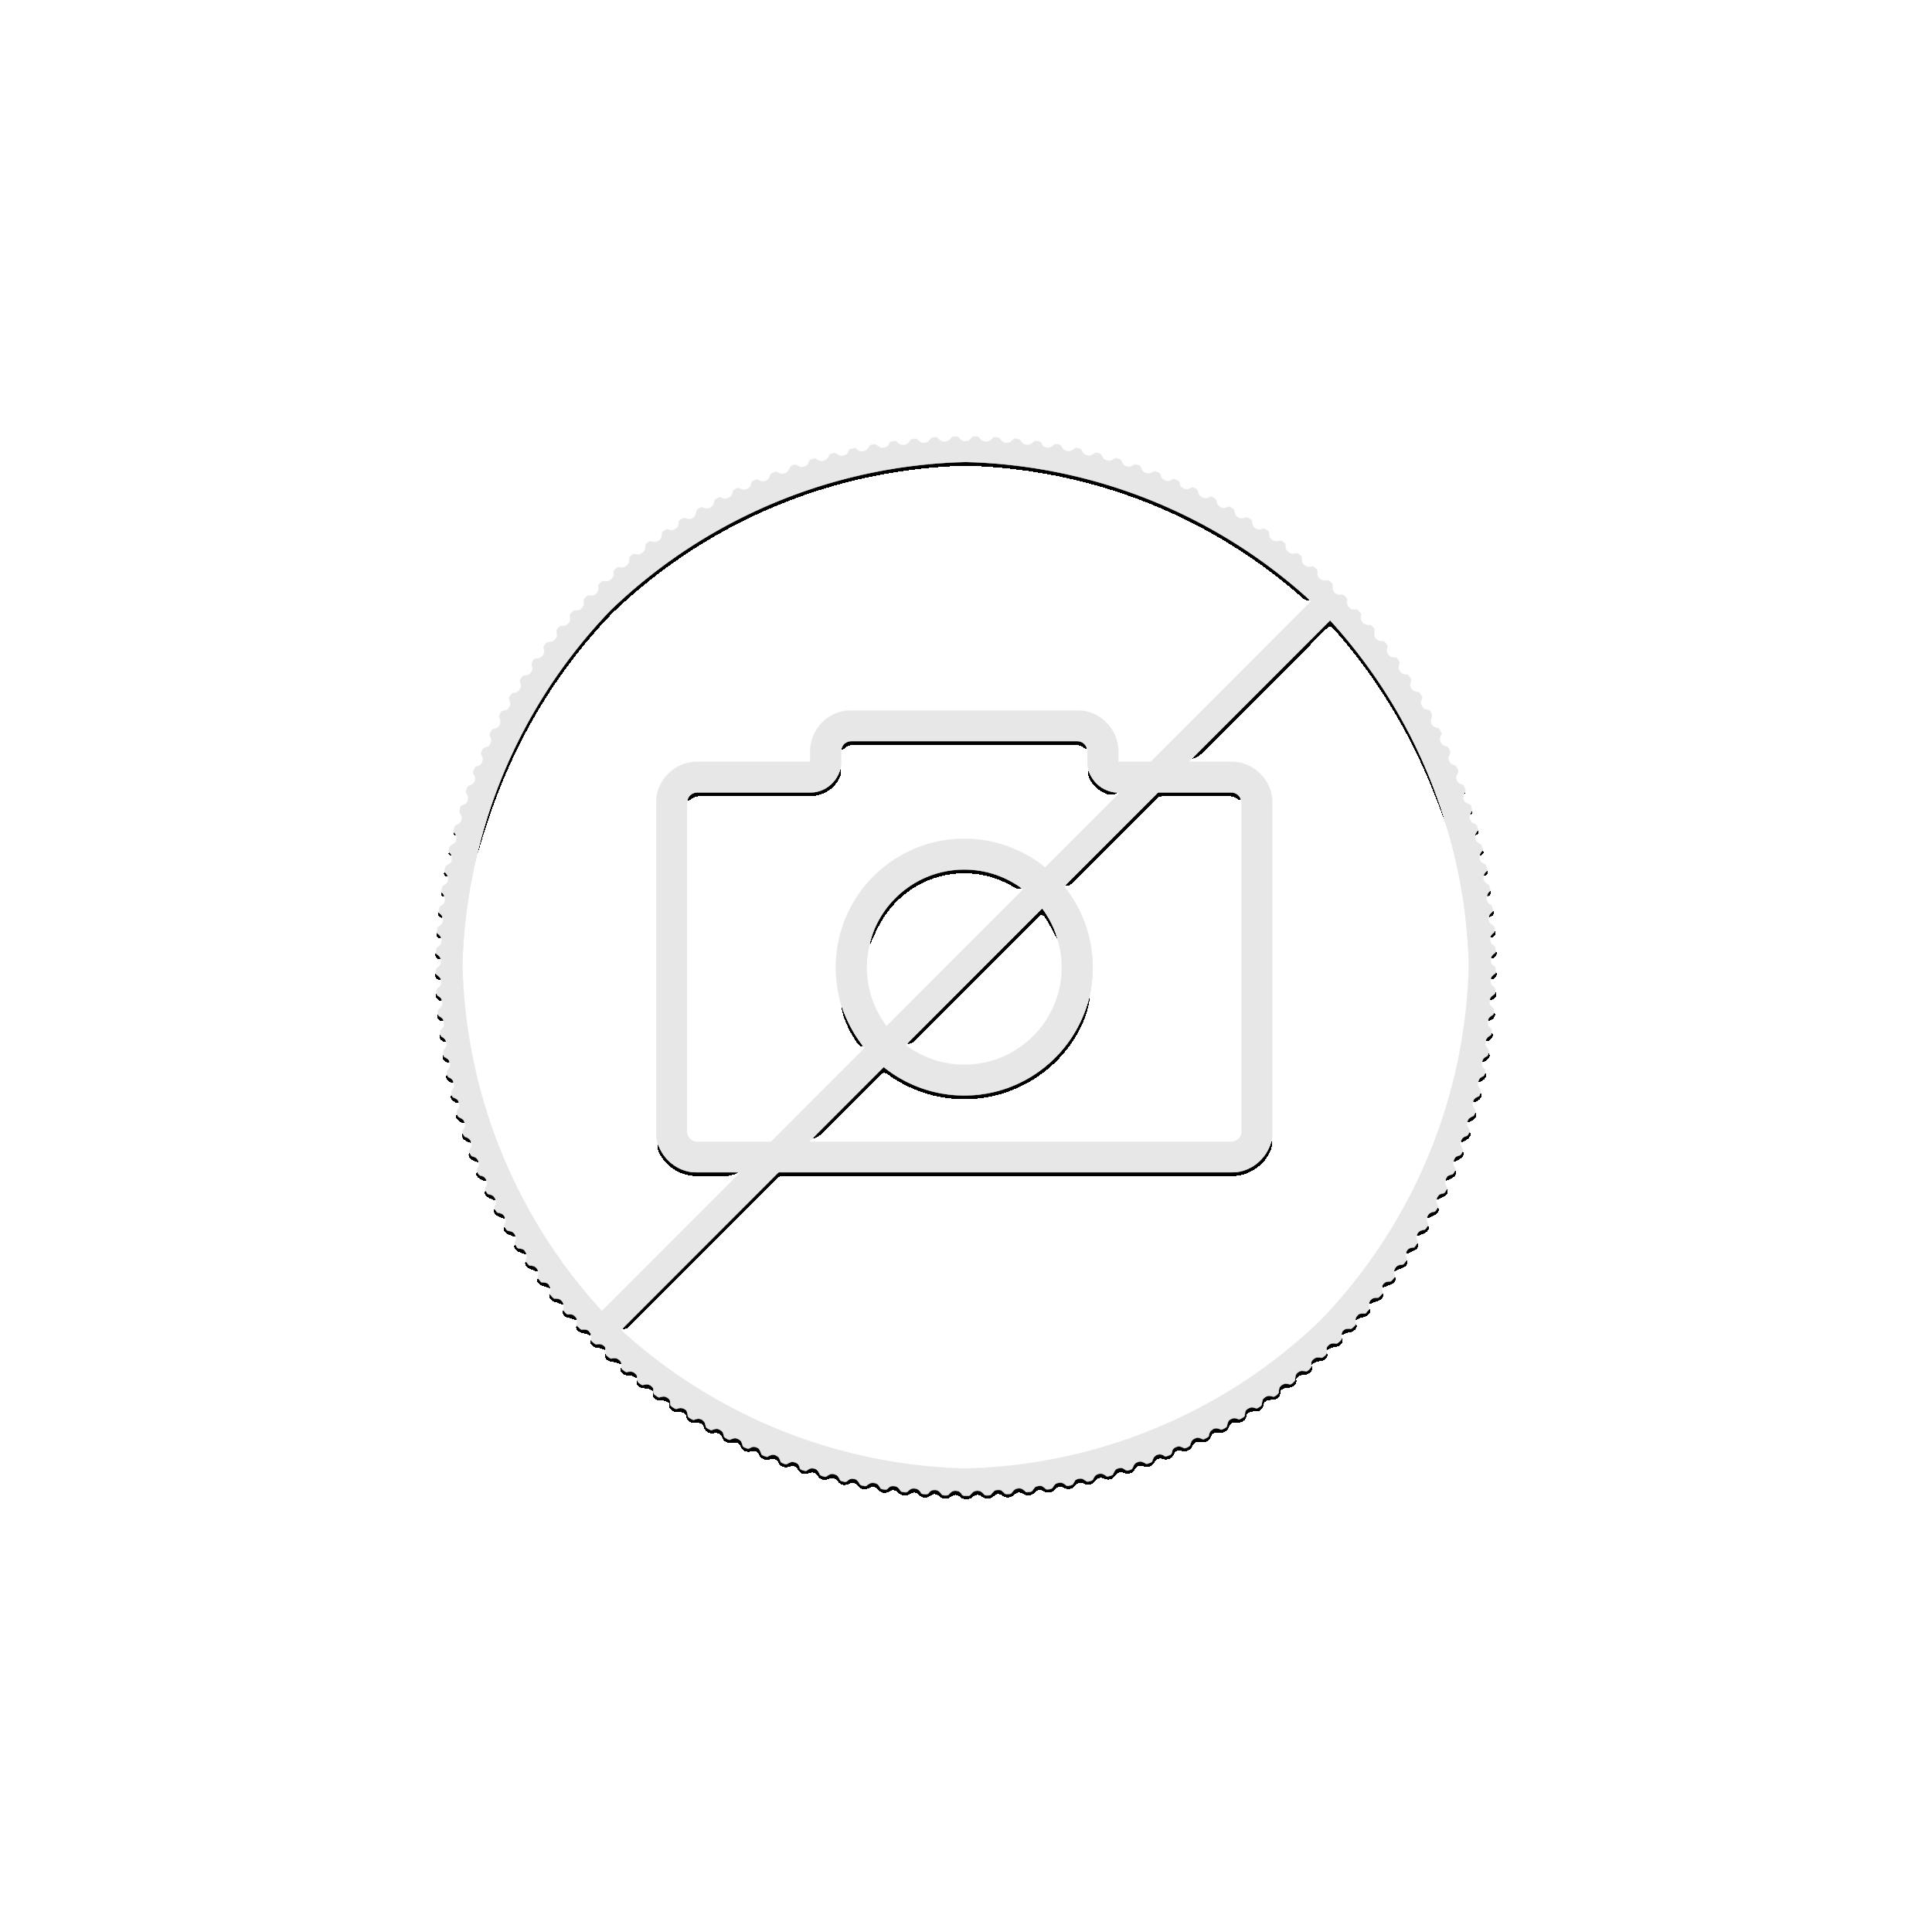 150 Gram gouden munt Panda 2021 Proof